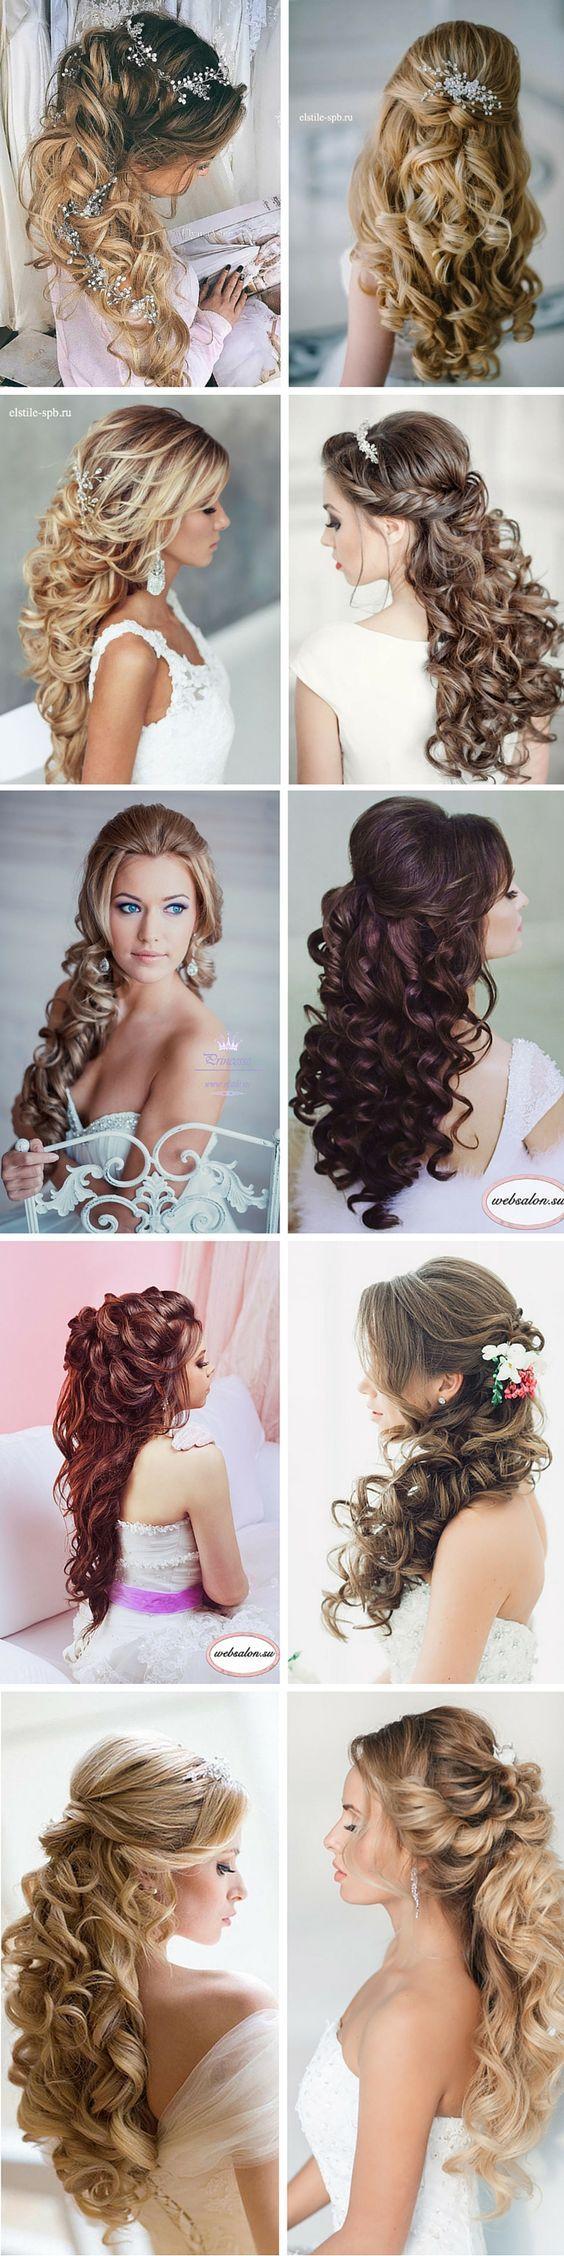 Se a noiva escolher qualquer um desses penteados é garantia de perfeição